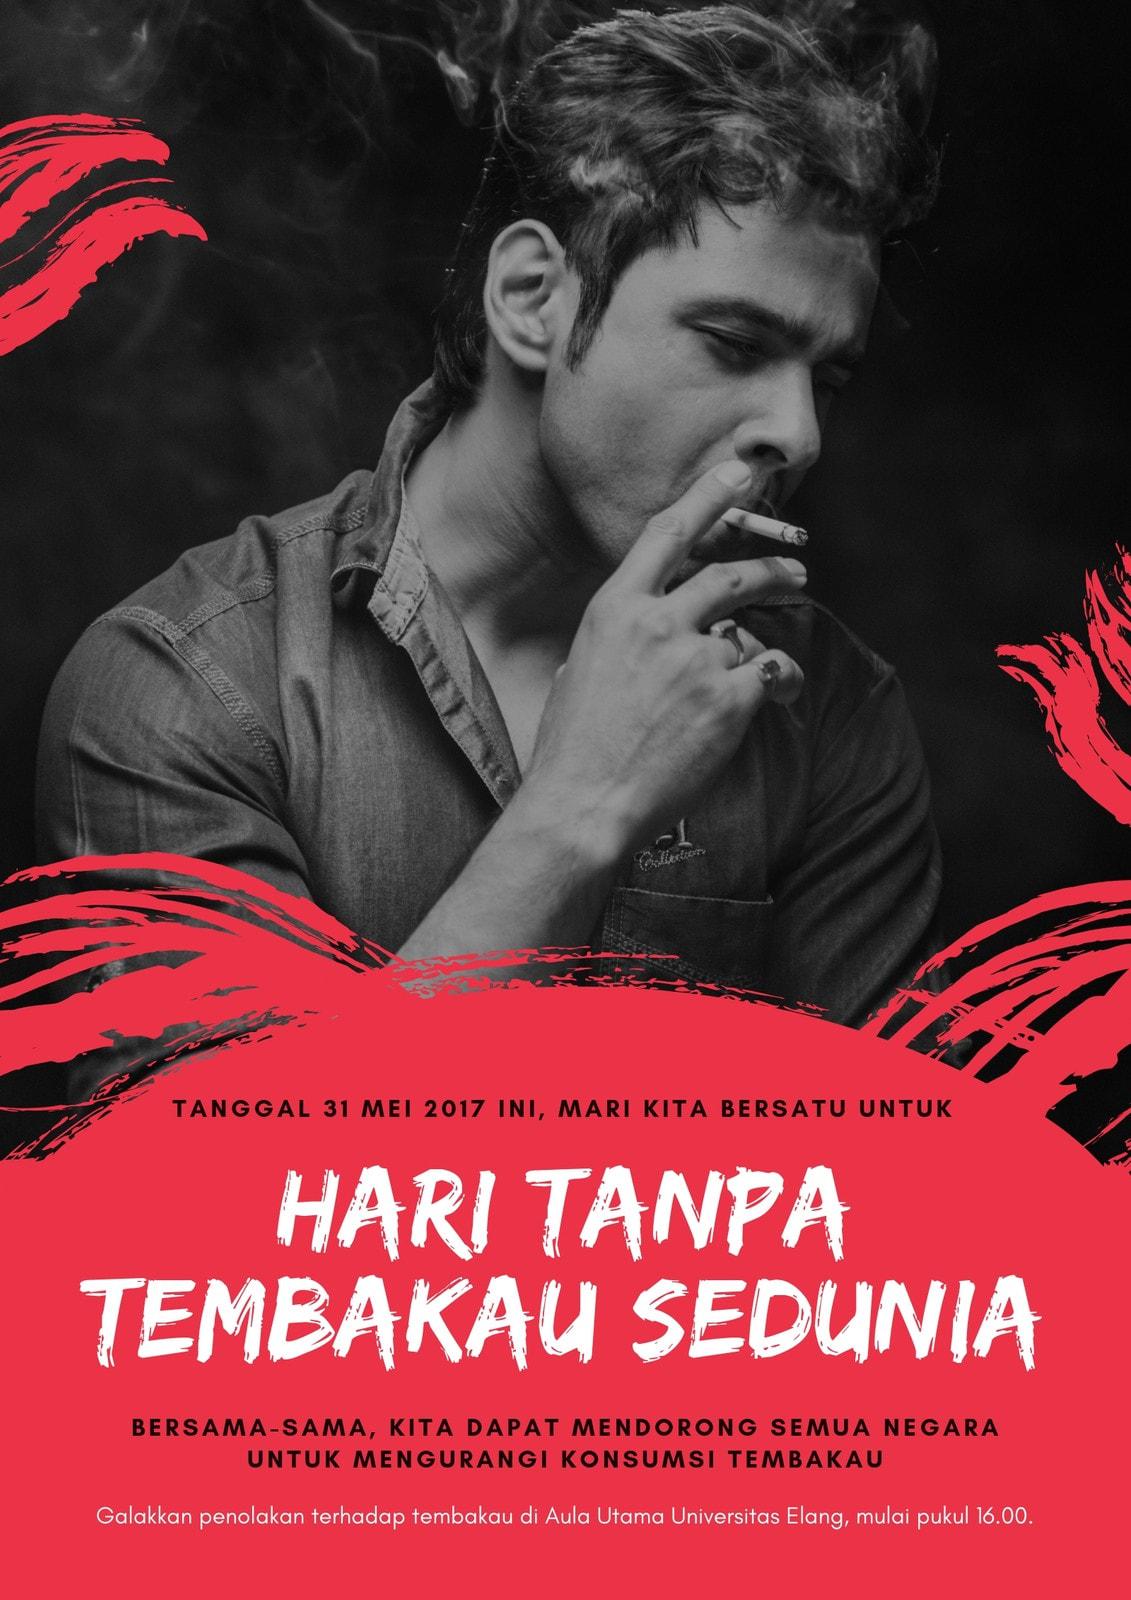 Merah Perokok Foto Hari Tanpa Tembakau Sedunia Poster